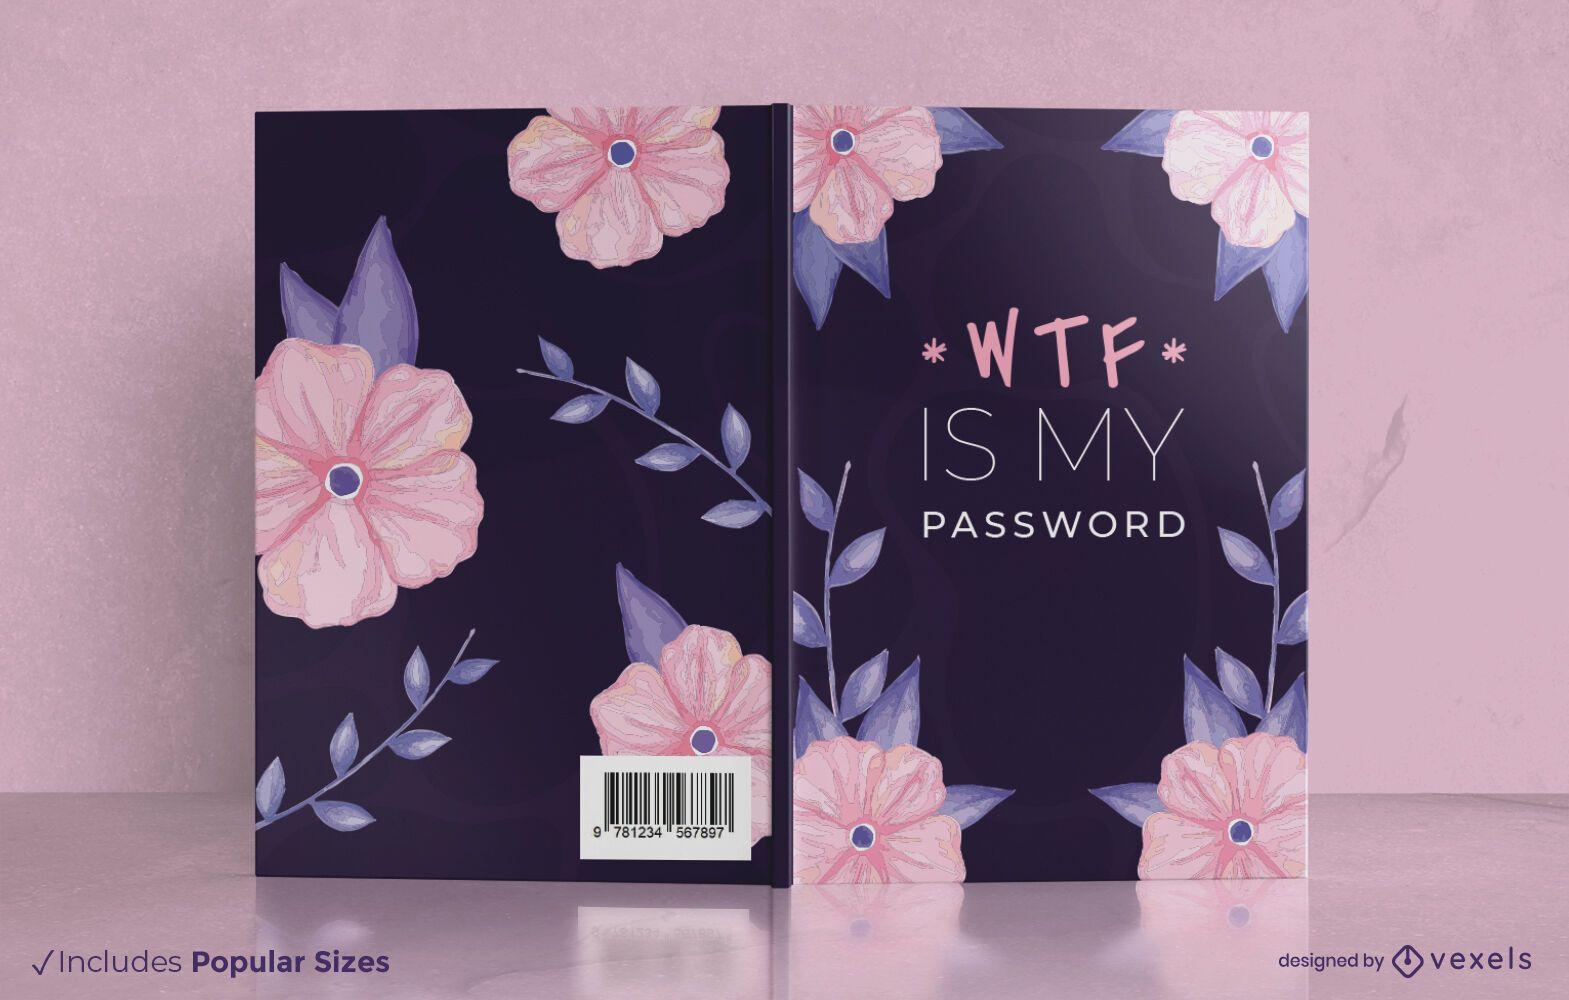 Dise?o de portada de libro de contrase?a floral